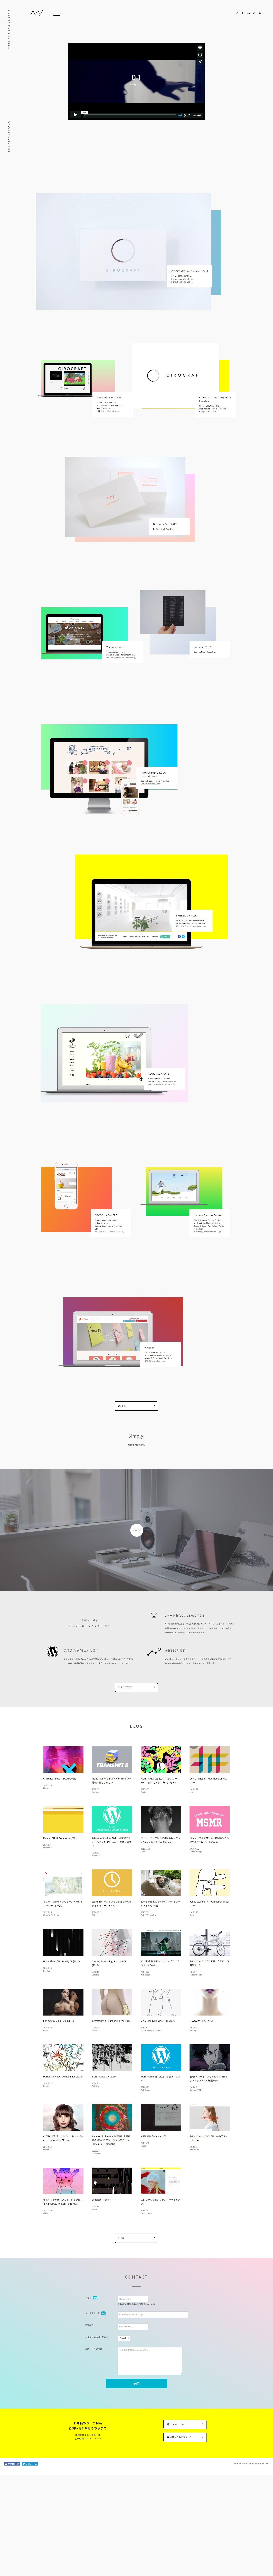 神戸のシンプルなホームページ・ウェブデザイン会社 | マニックユース